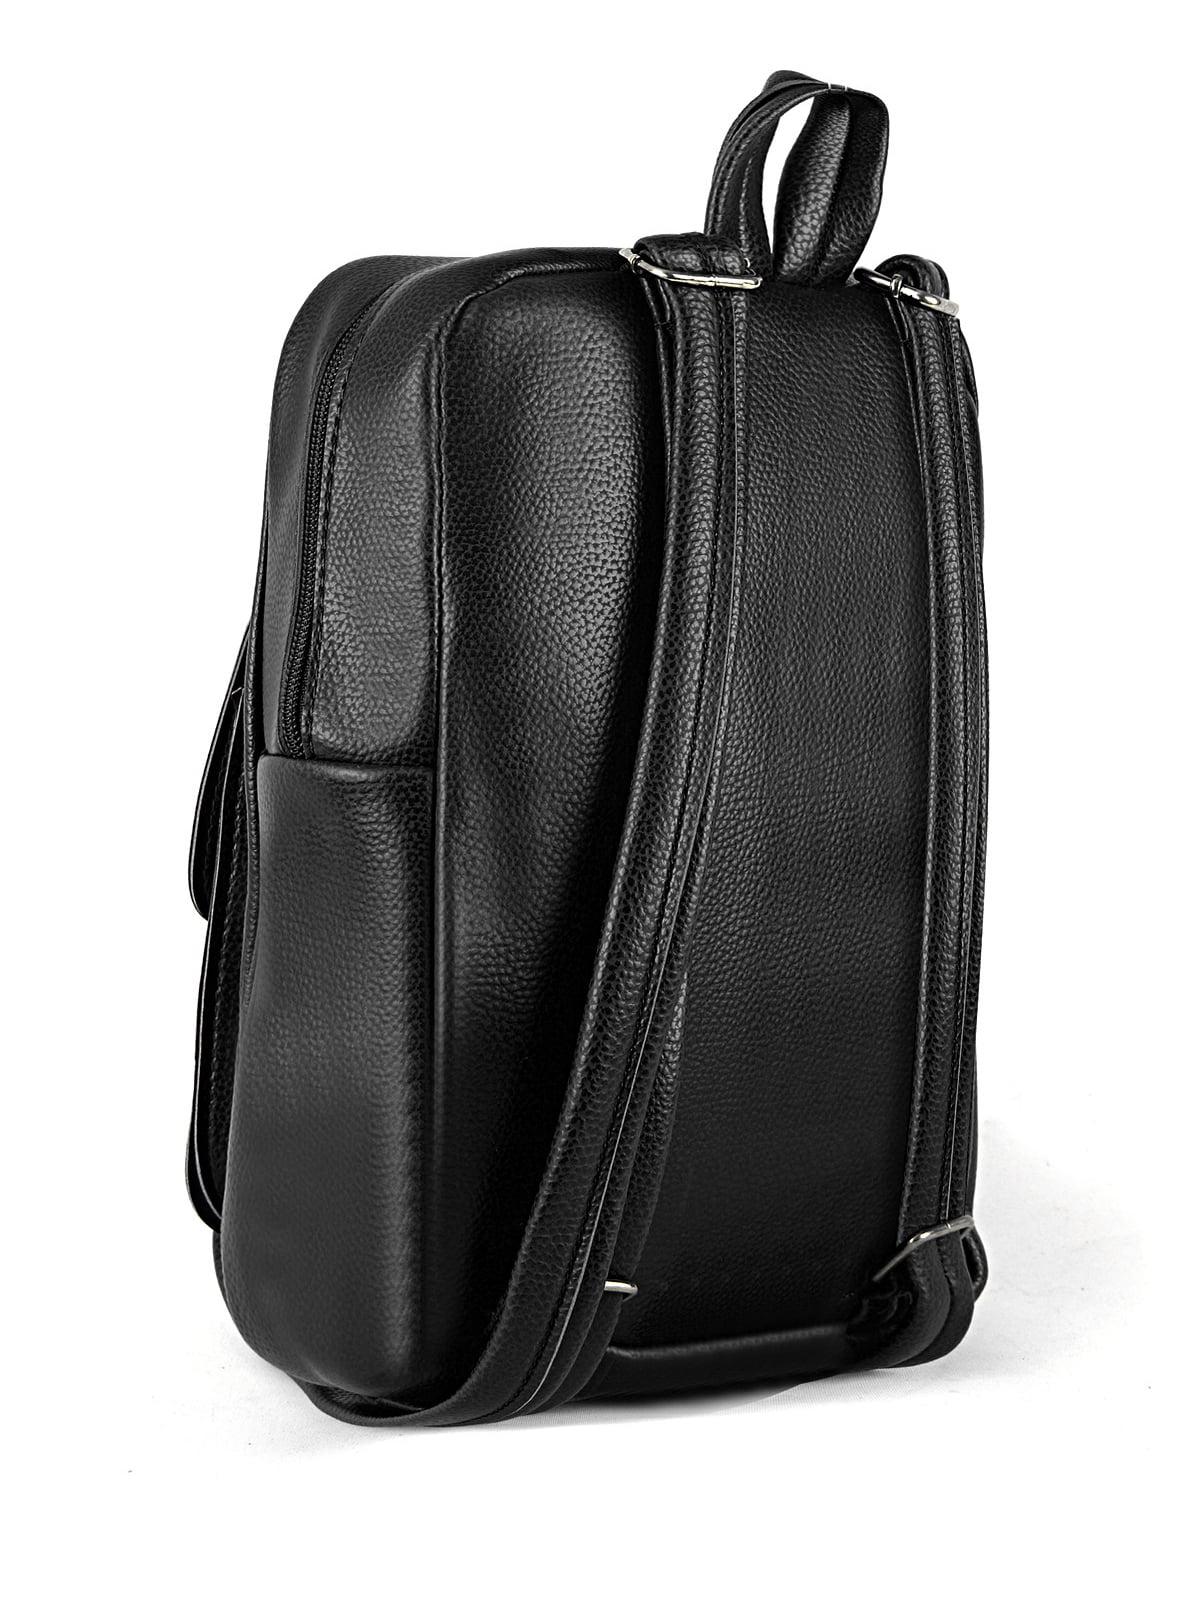 Сумка-рюкзак чорна | 4223128 | фото 2